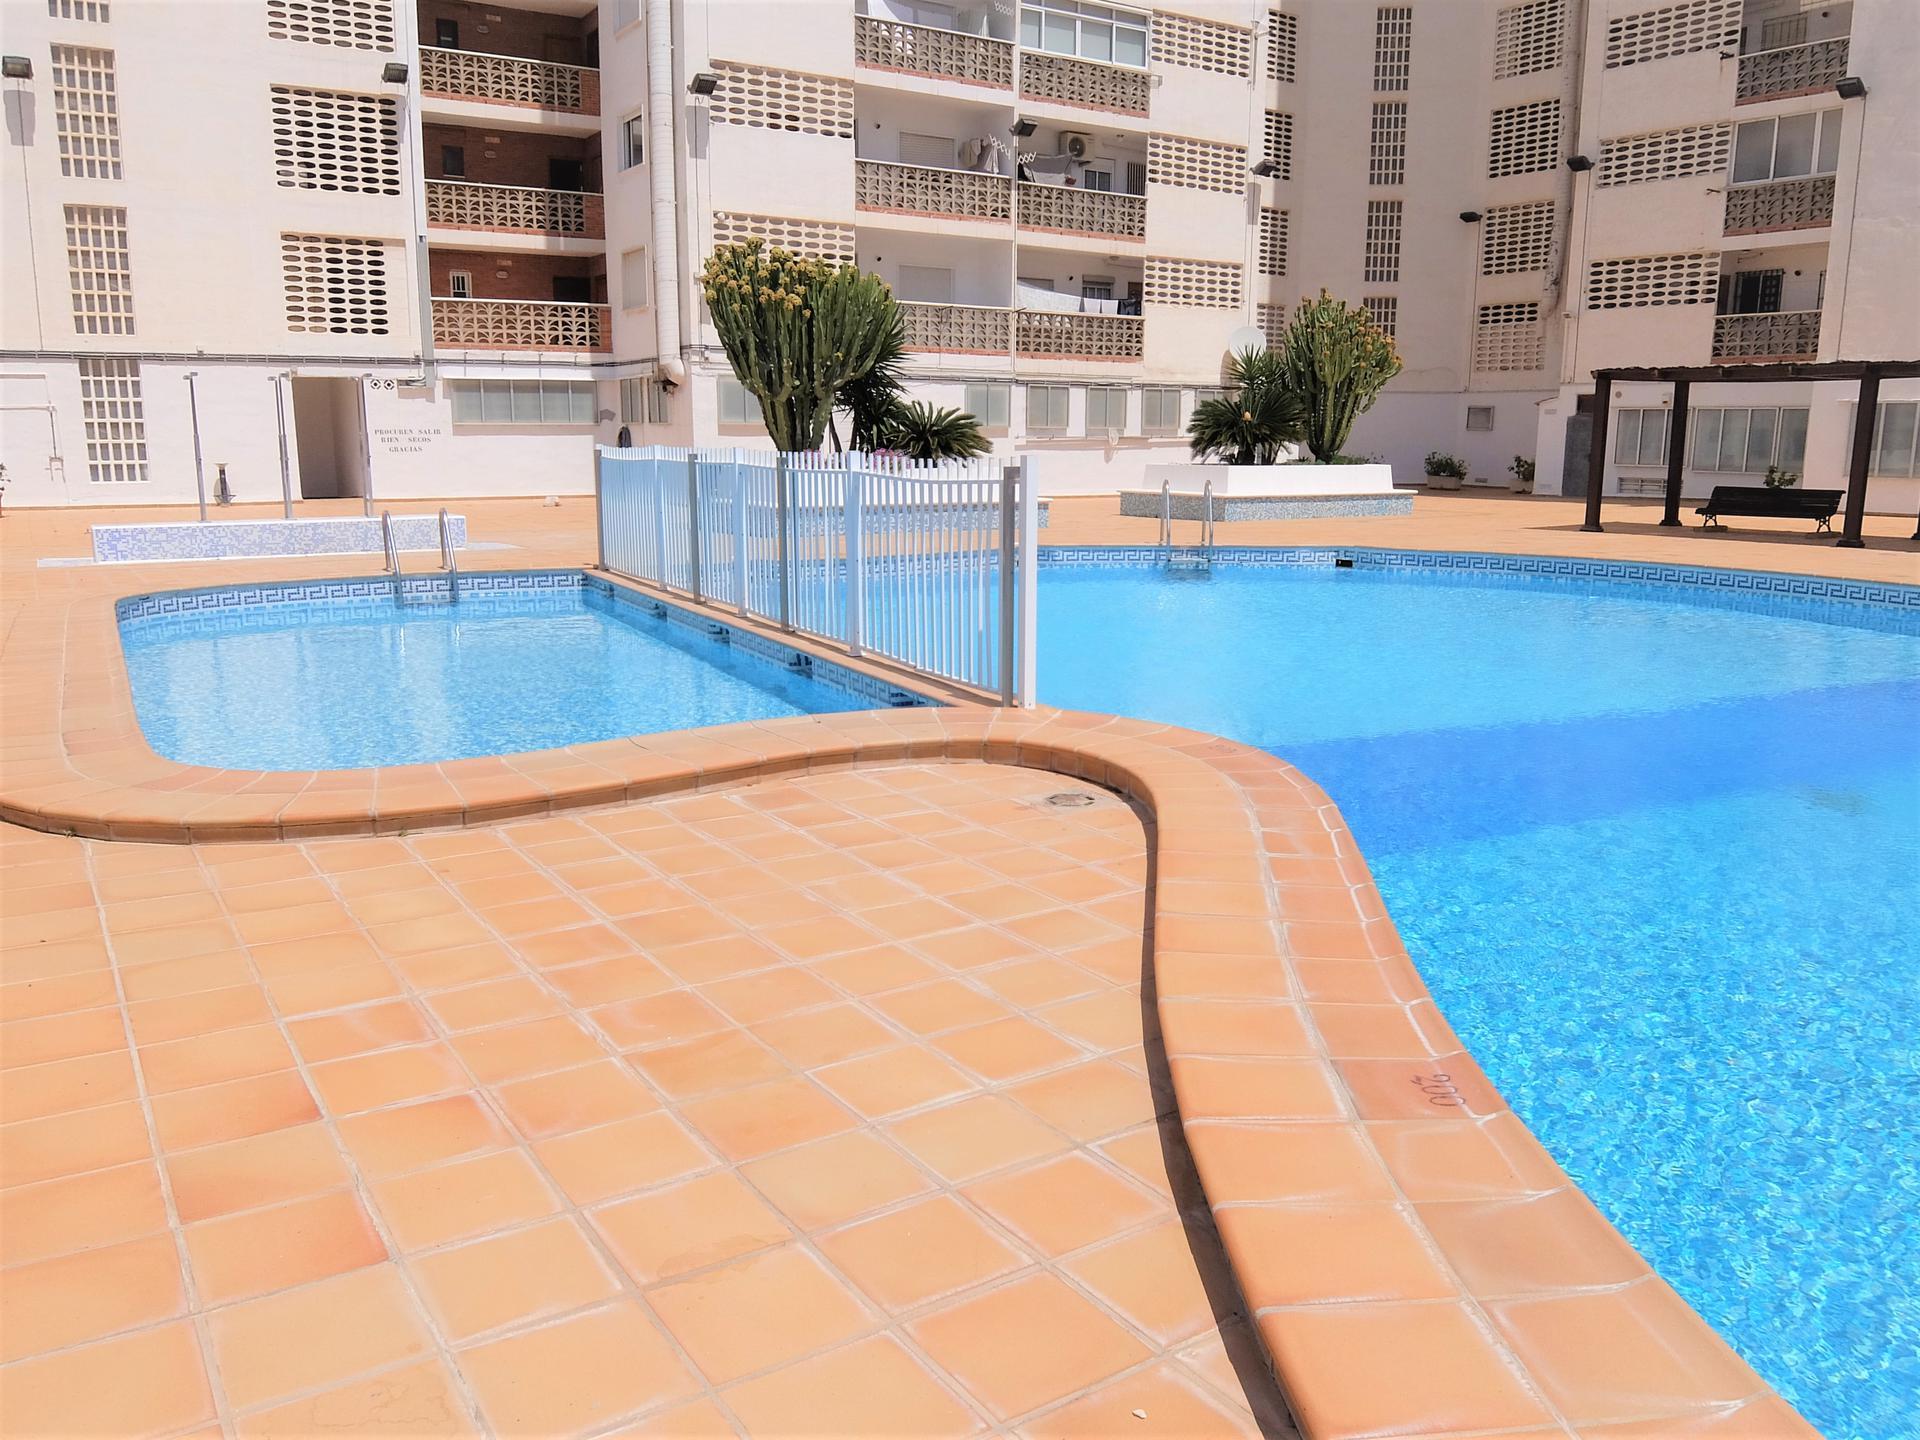 Apartamento -                                       Gandia -                                       1 dormitorios -                                       4 ocupantes